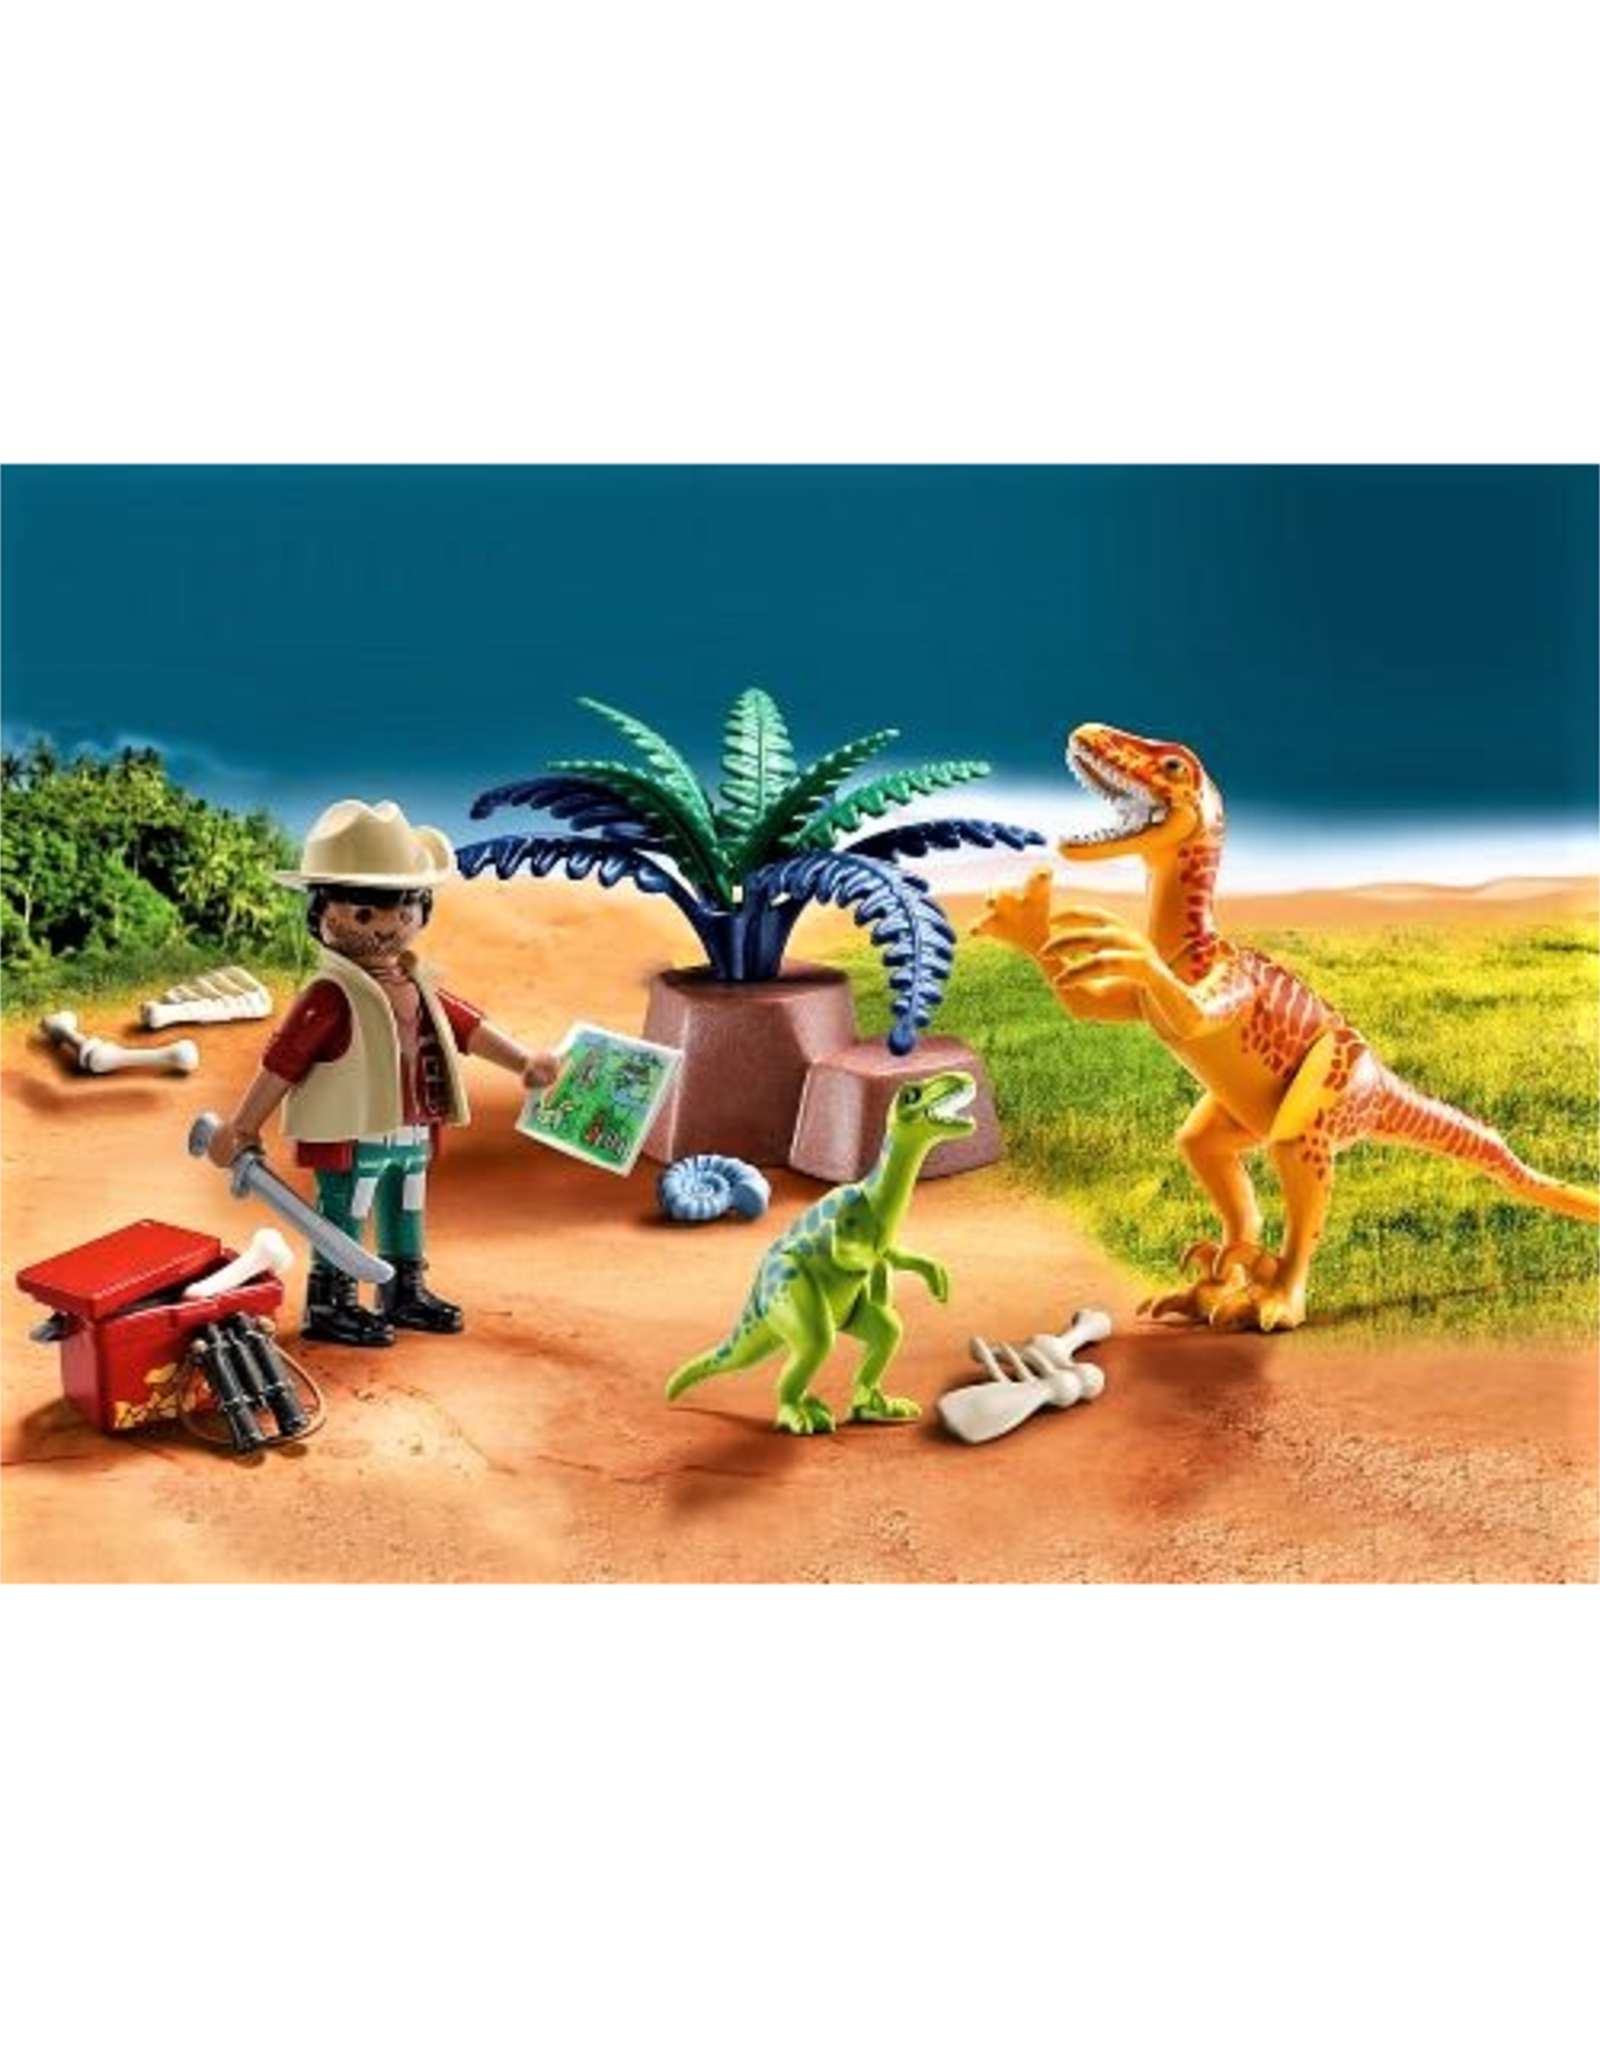 Playmobil Dino Explorer Carry Case